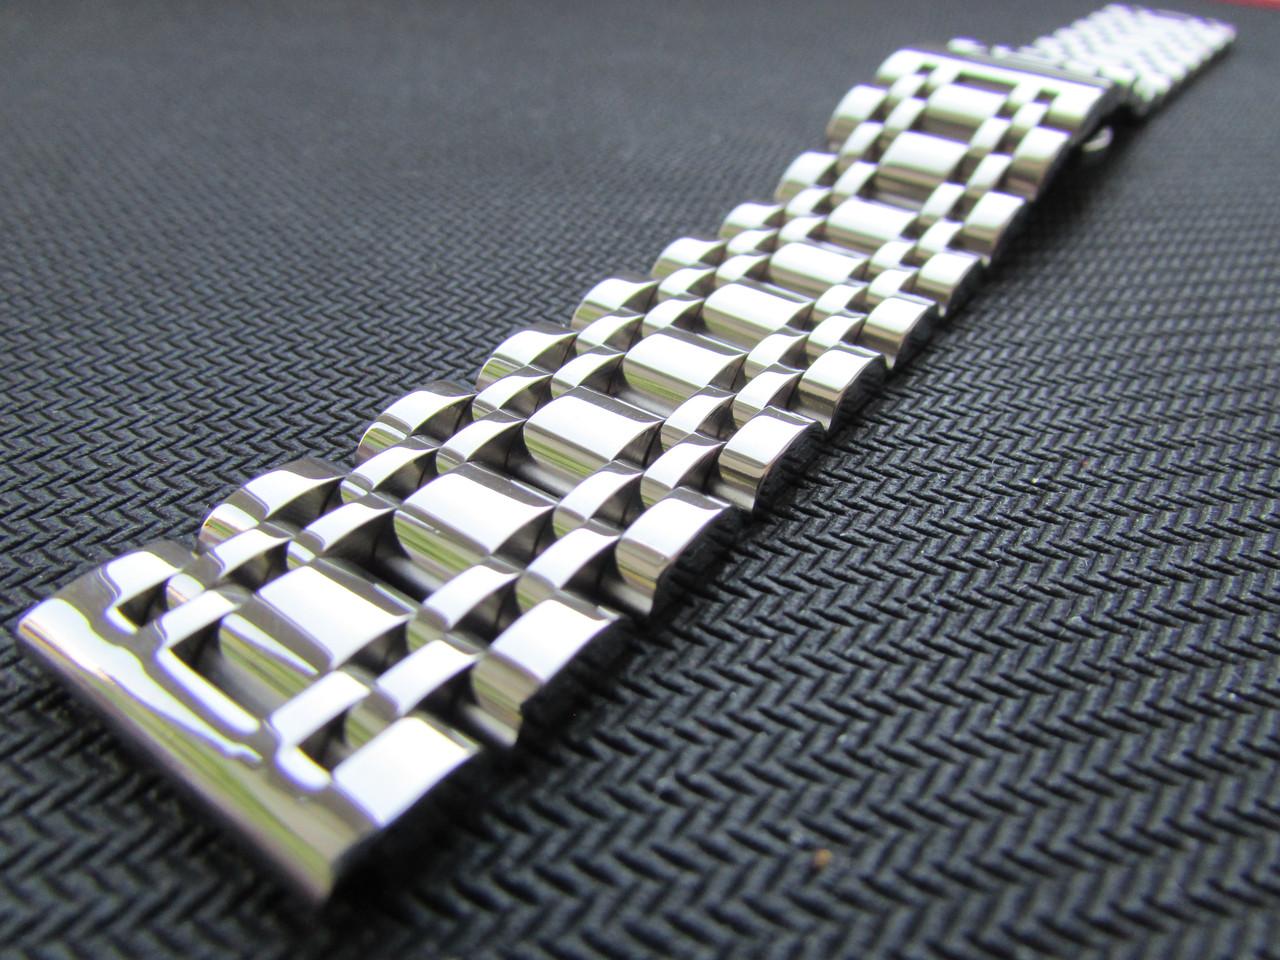 Браслет для часов из нержавеющей стали, литой, полированный. 20-й размер.